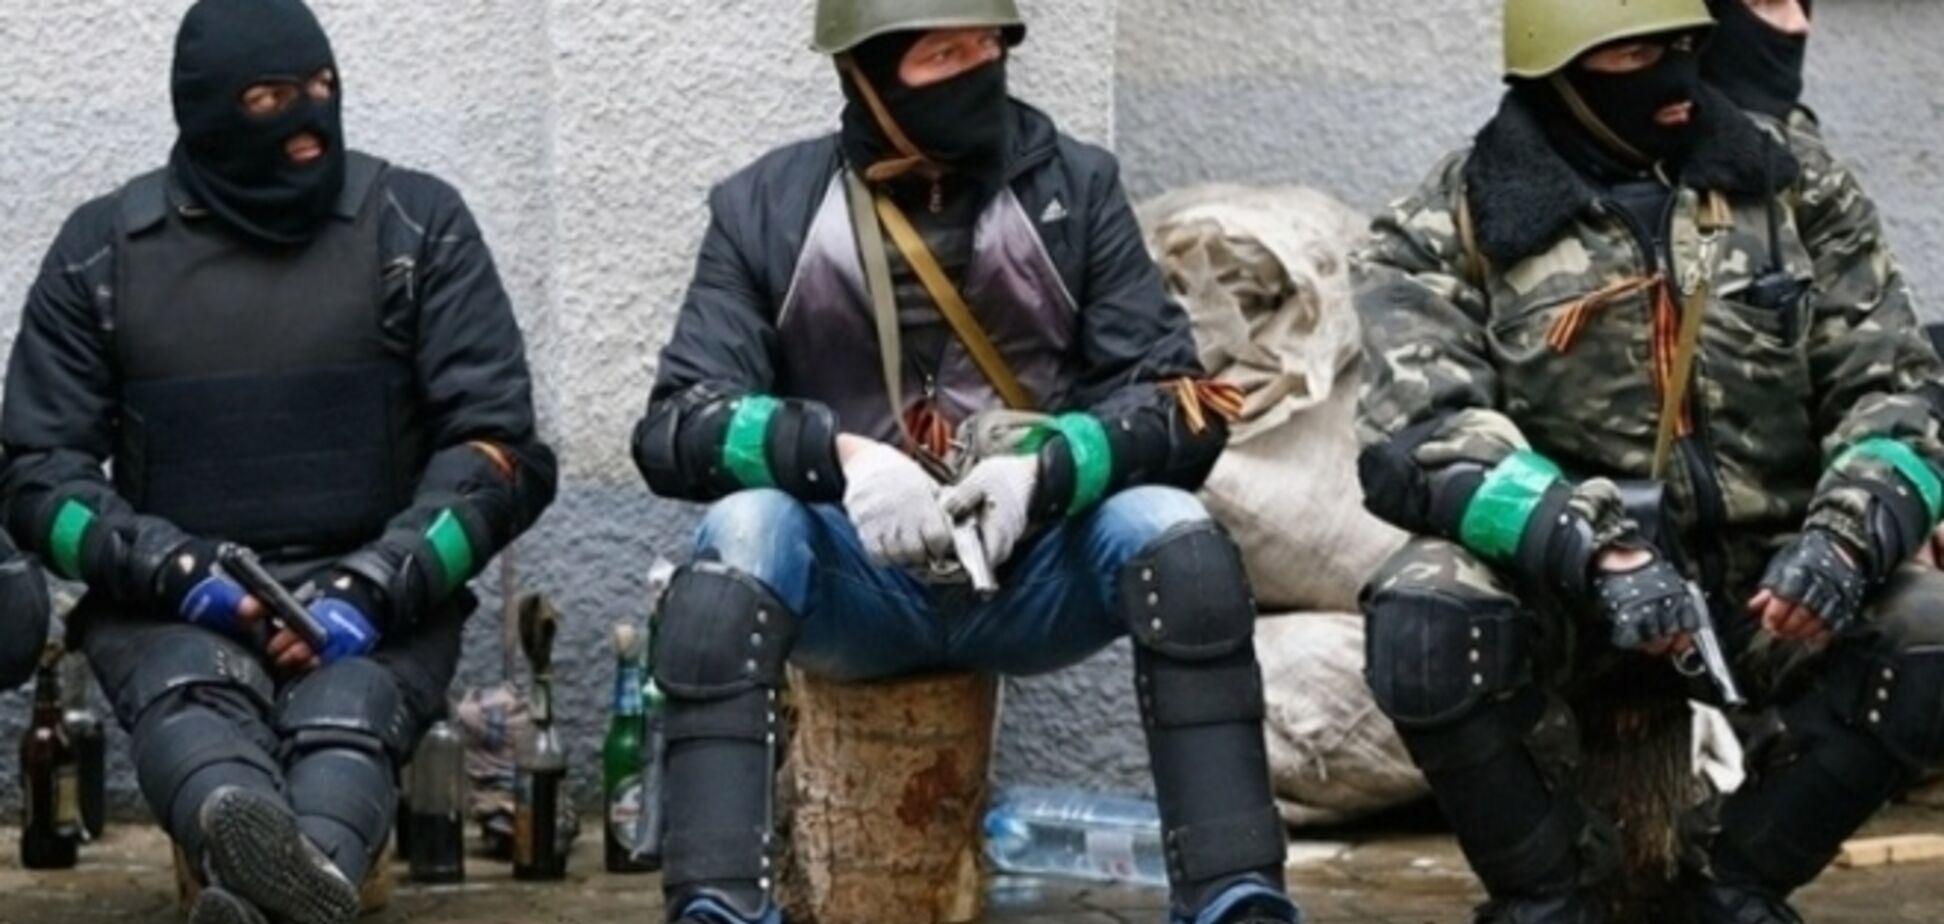 Украинские спецслужбы установили спонсоров сепаратистских выступлений на Донбассе